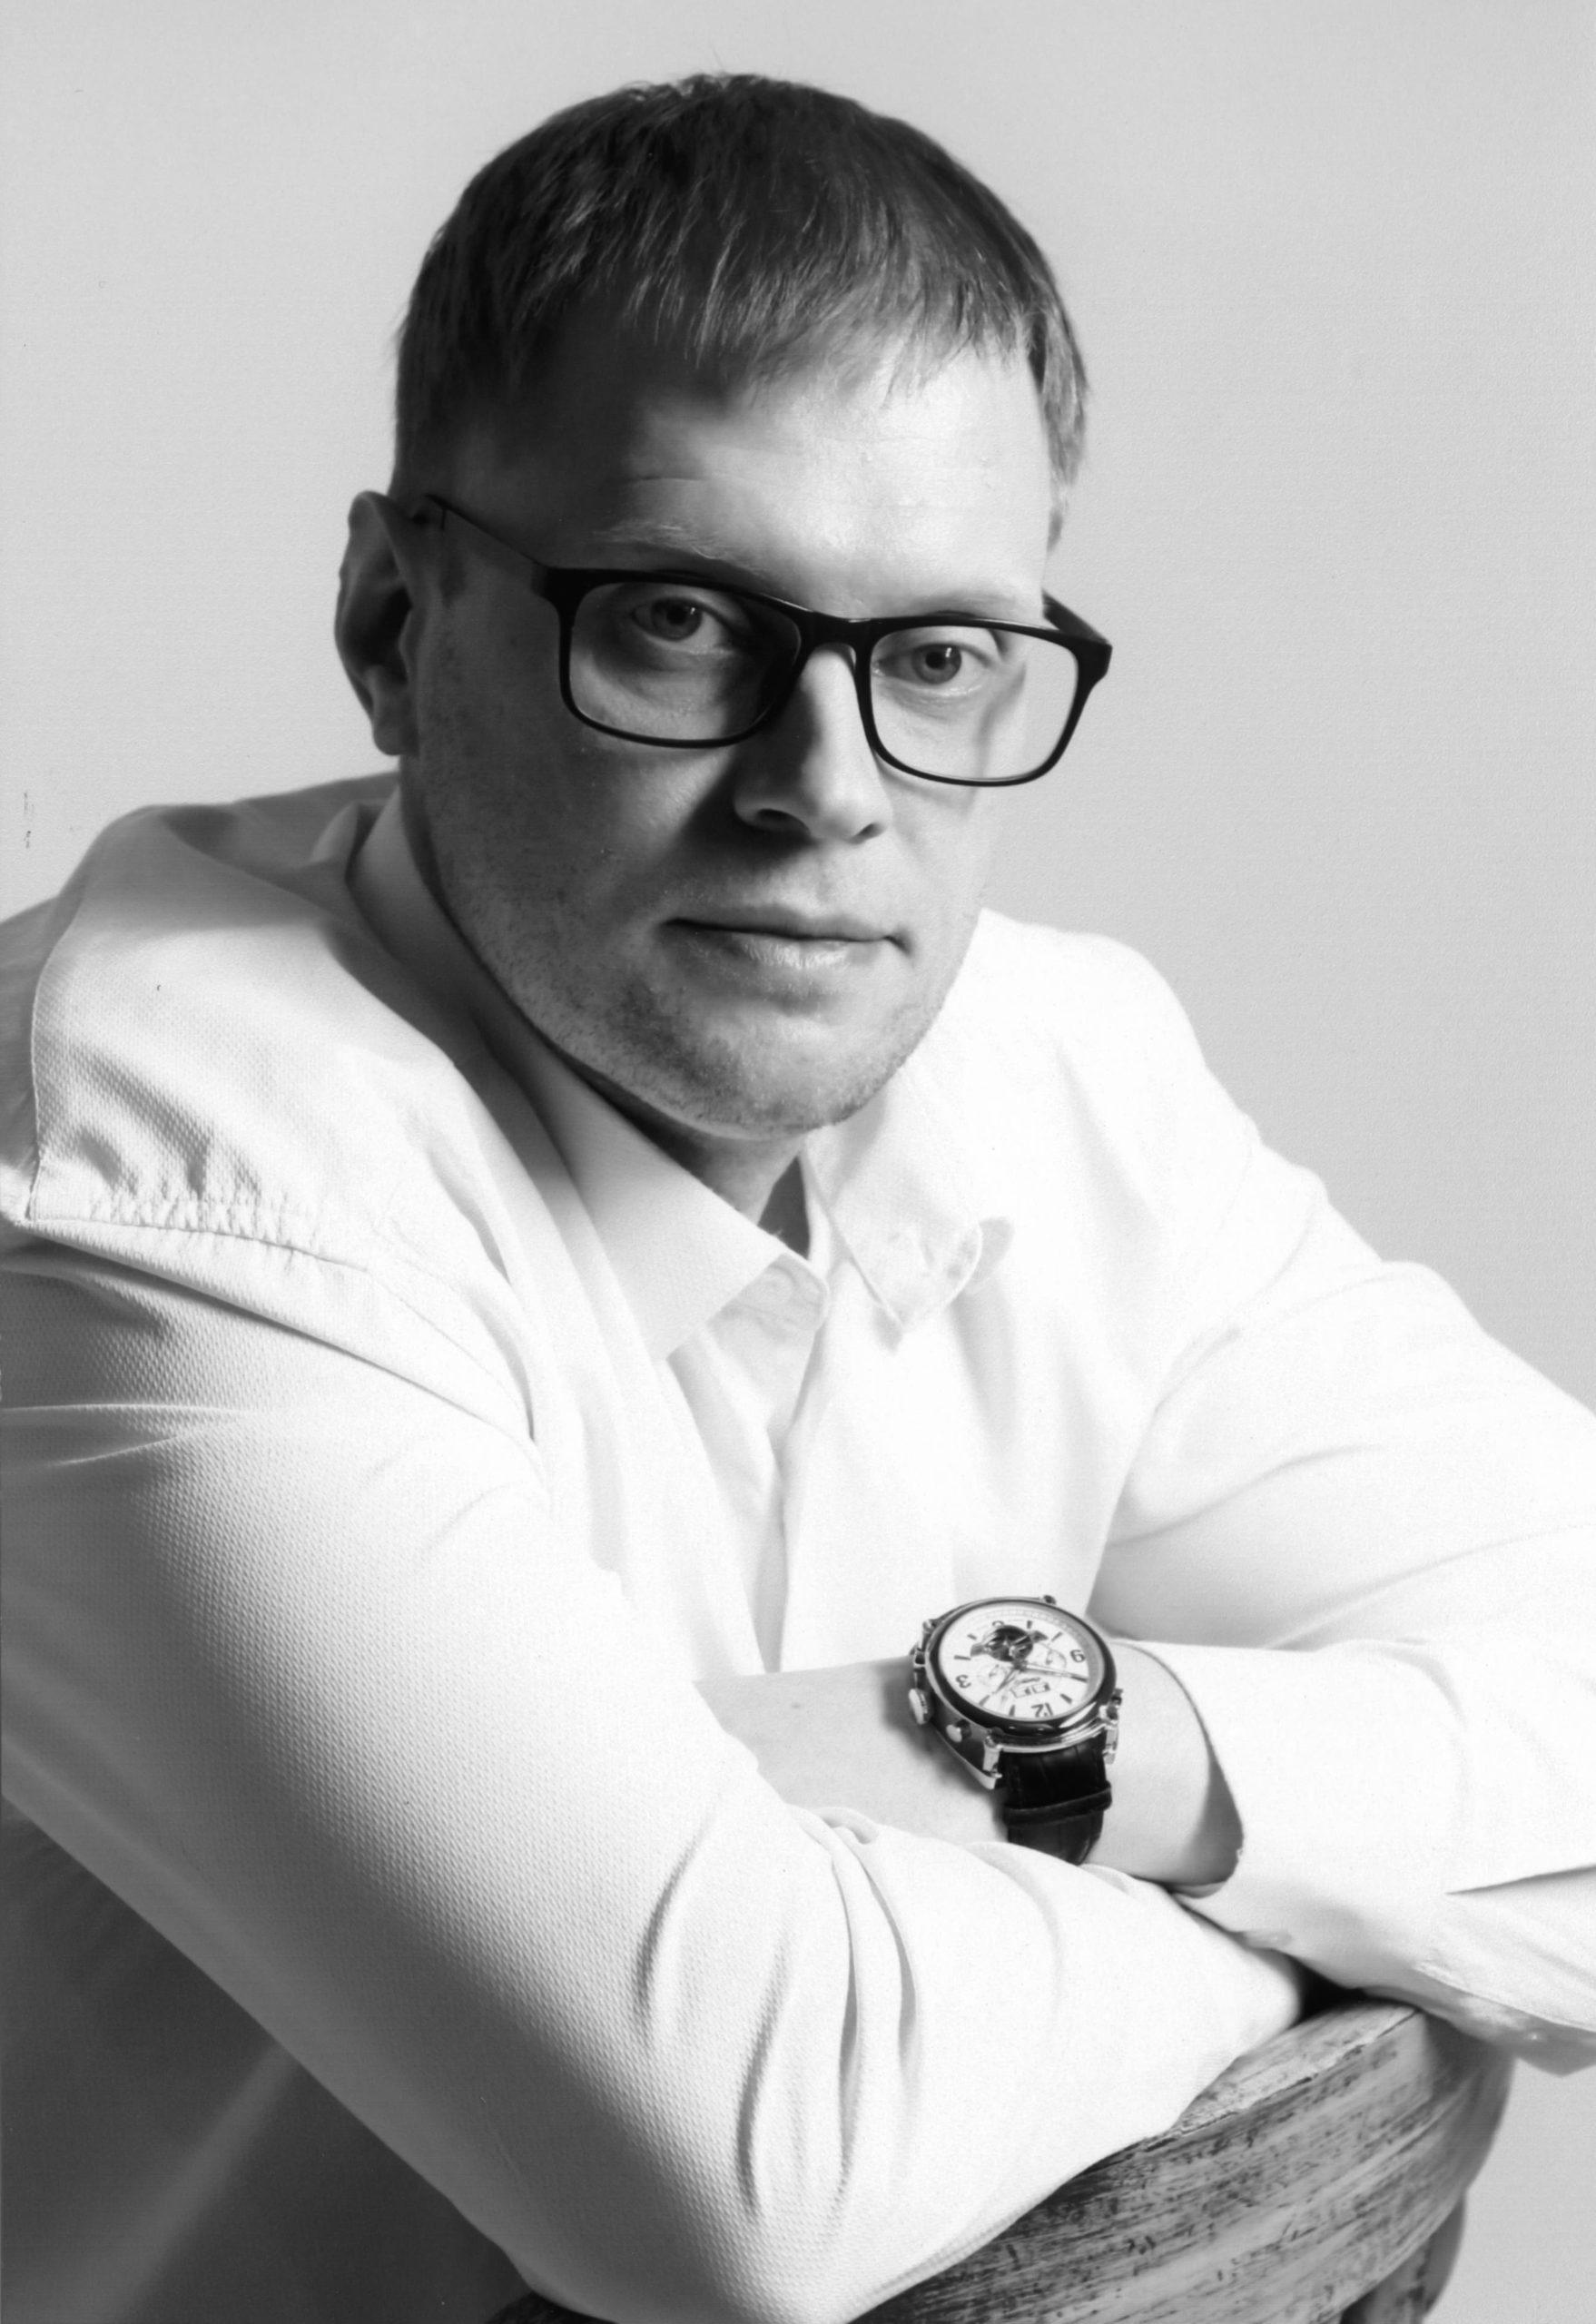 Адвокат по ст. 289 УК РФ Незаконное участие в предпринимательской деятельности